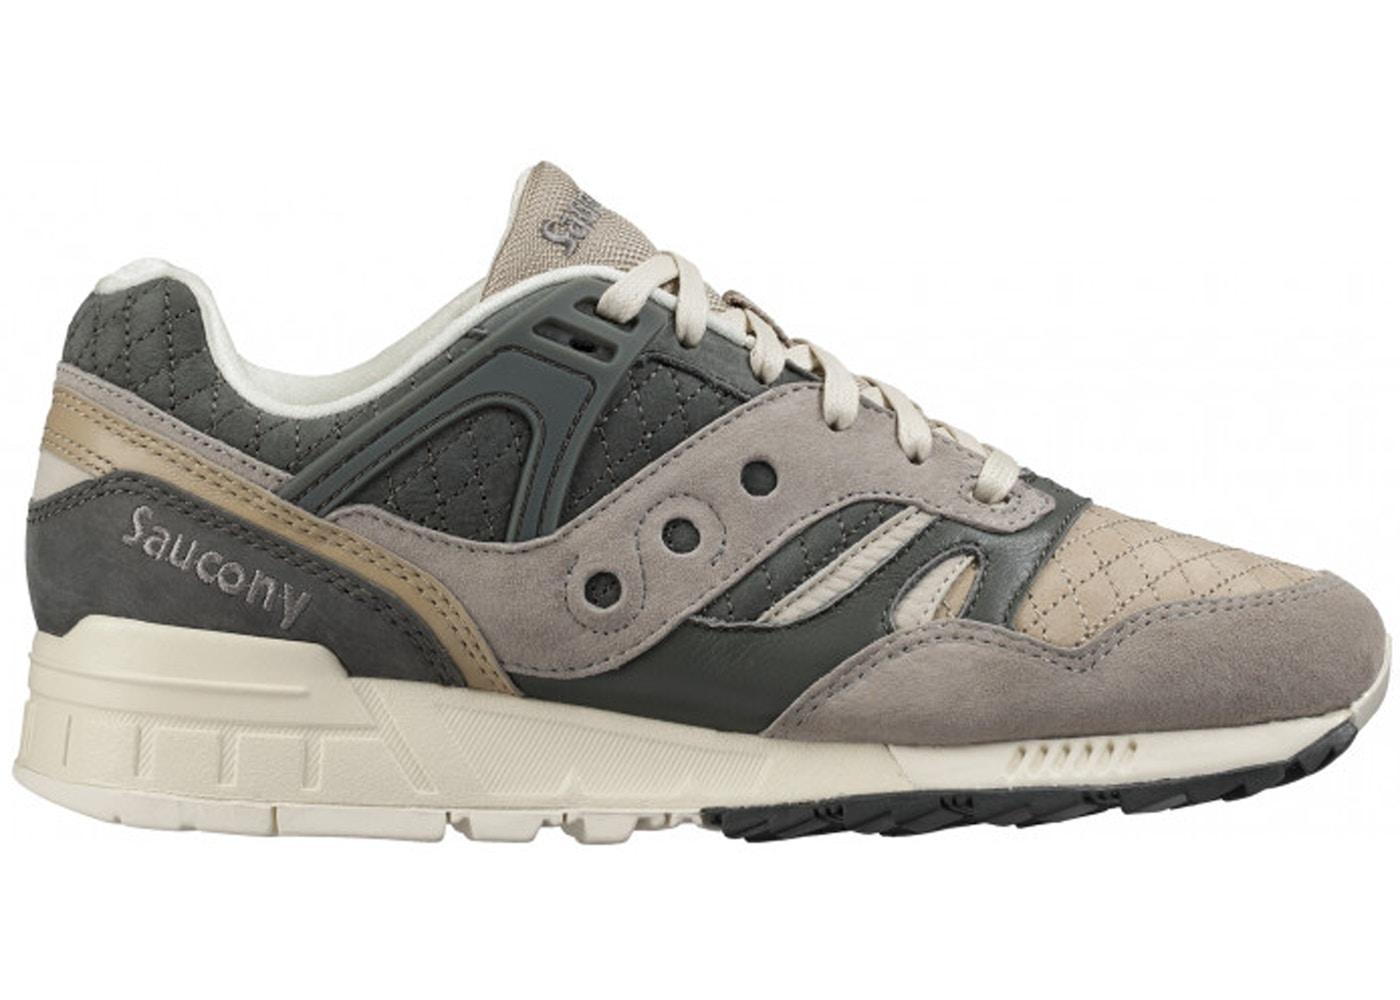 8e1e47f9 Saucony Size 8 Shoes - Lowest Ask